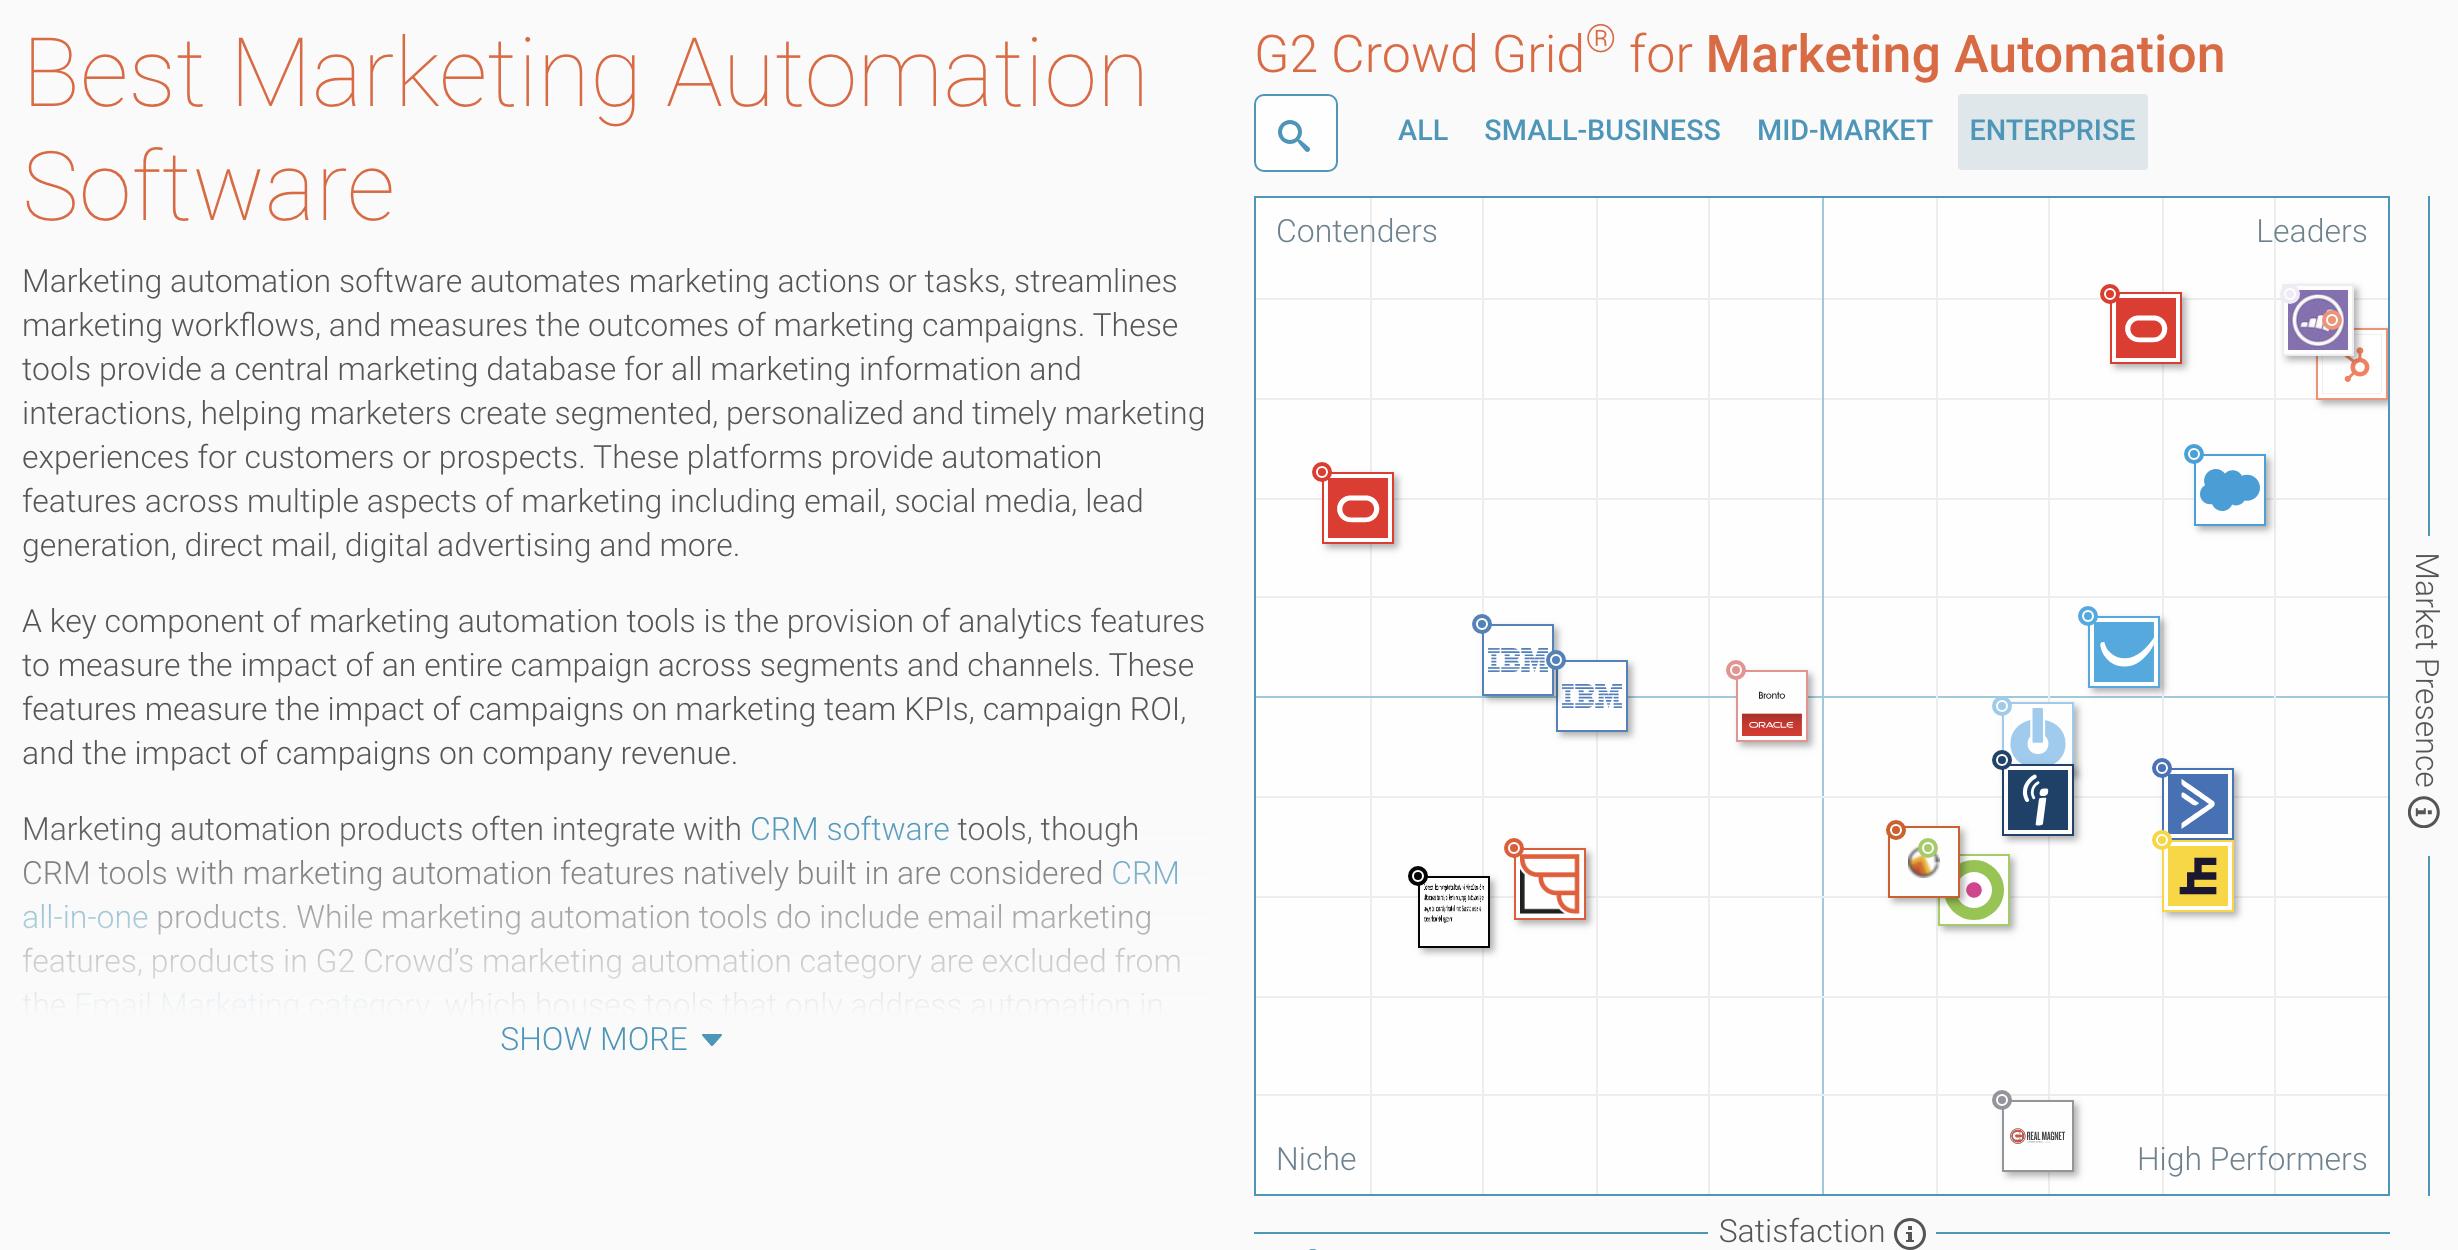 De beste marketing automation voor enterprise